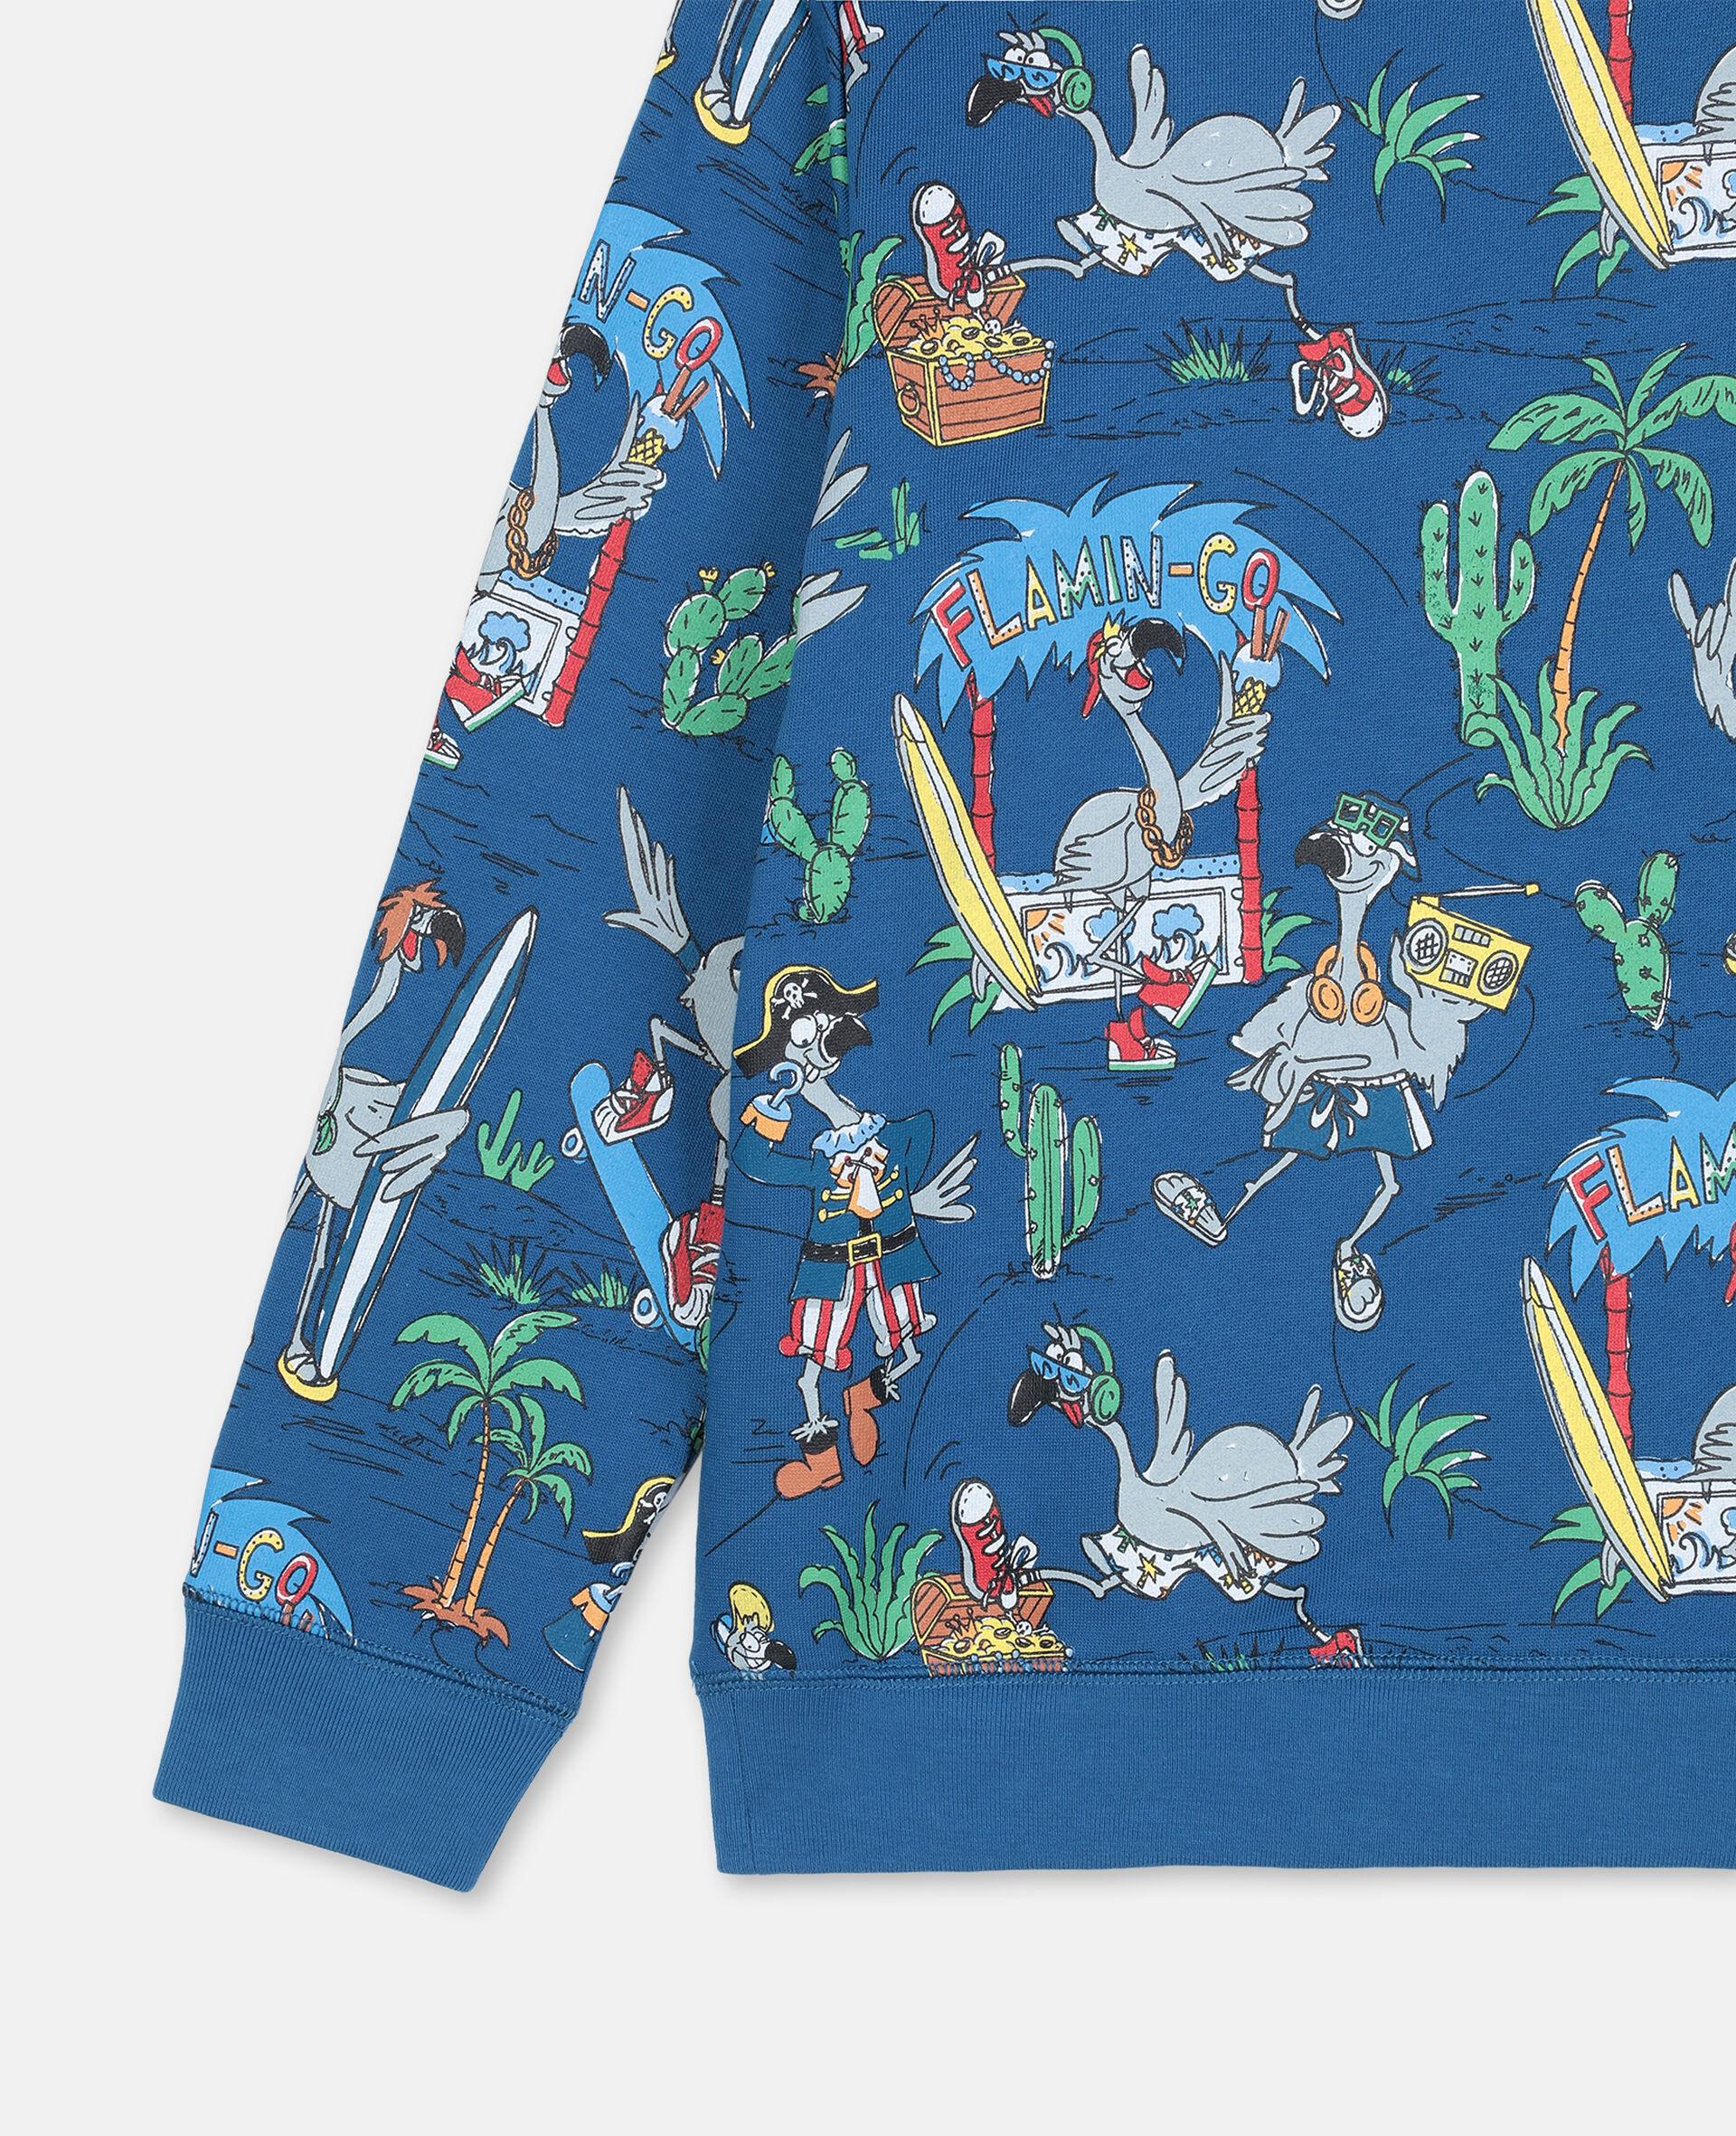 Flamingo Land Cotton Sweatshirt -Blue-large image number 2